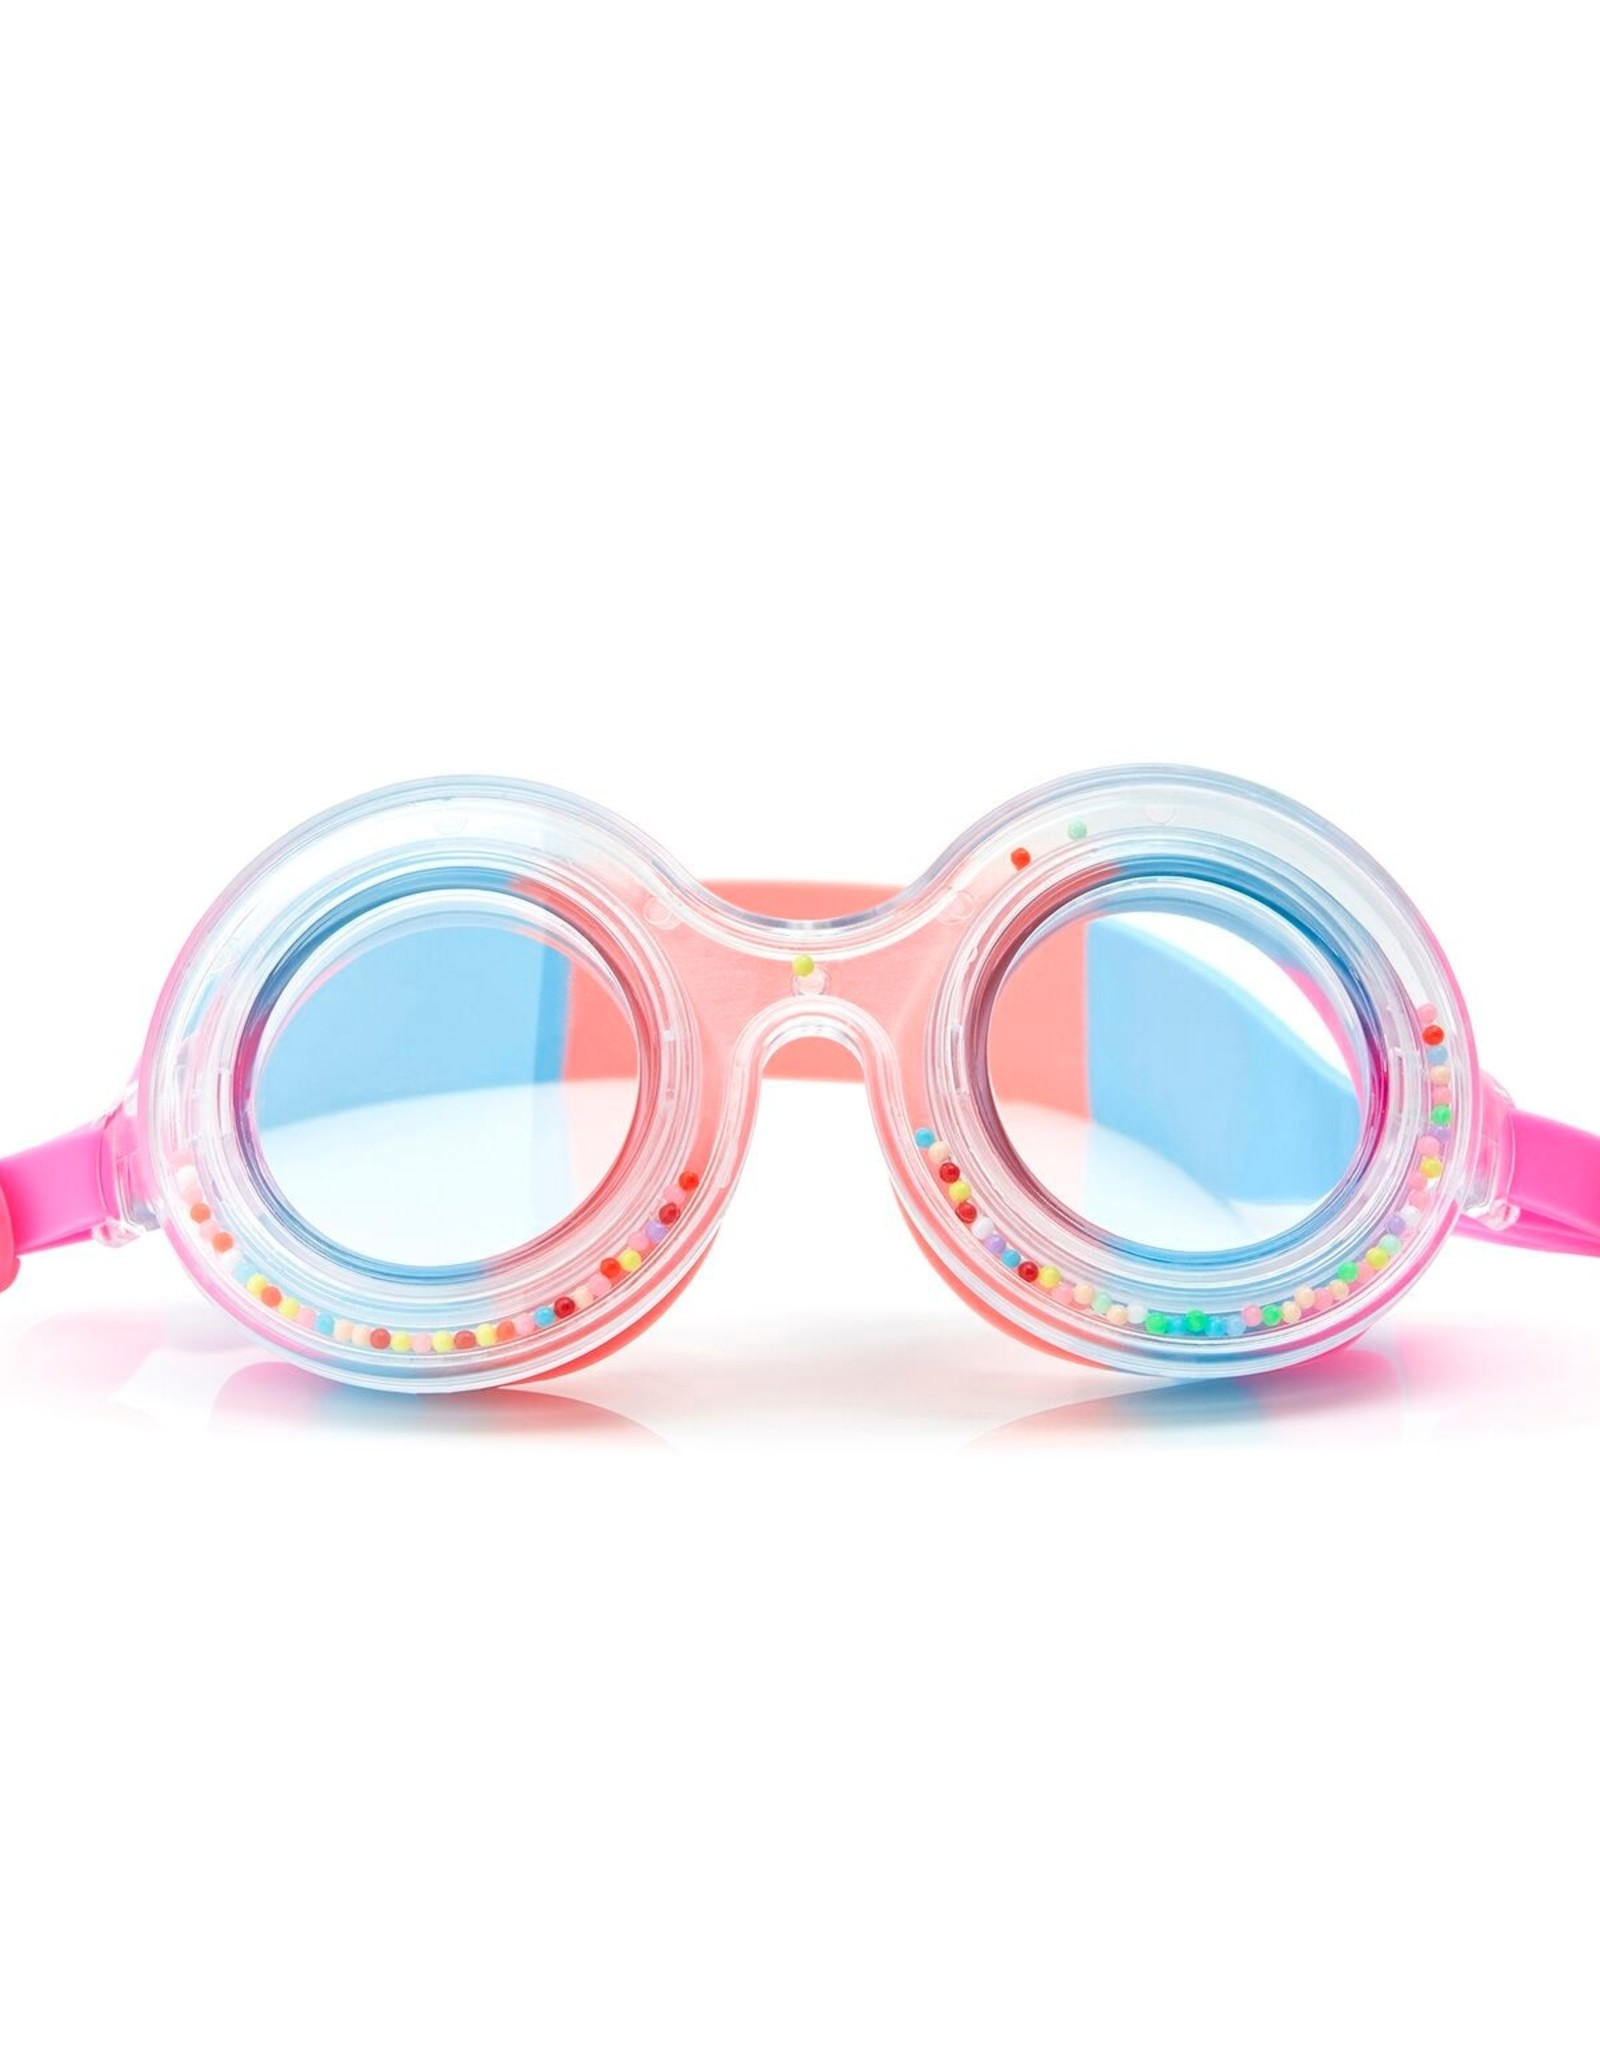 Bling2o Bubblicious Goggles